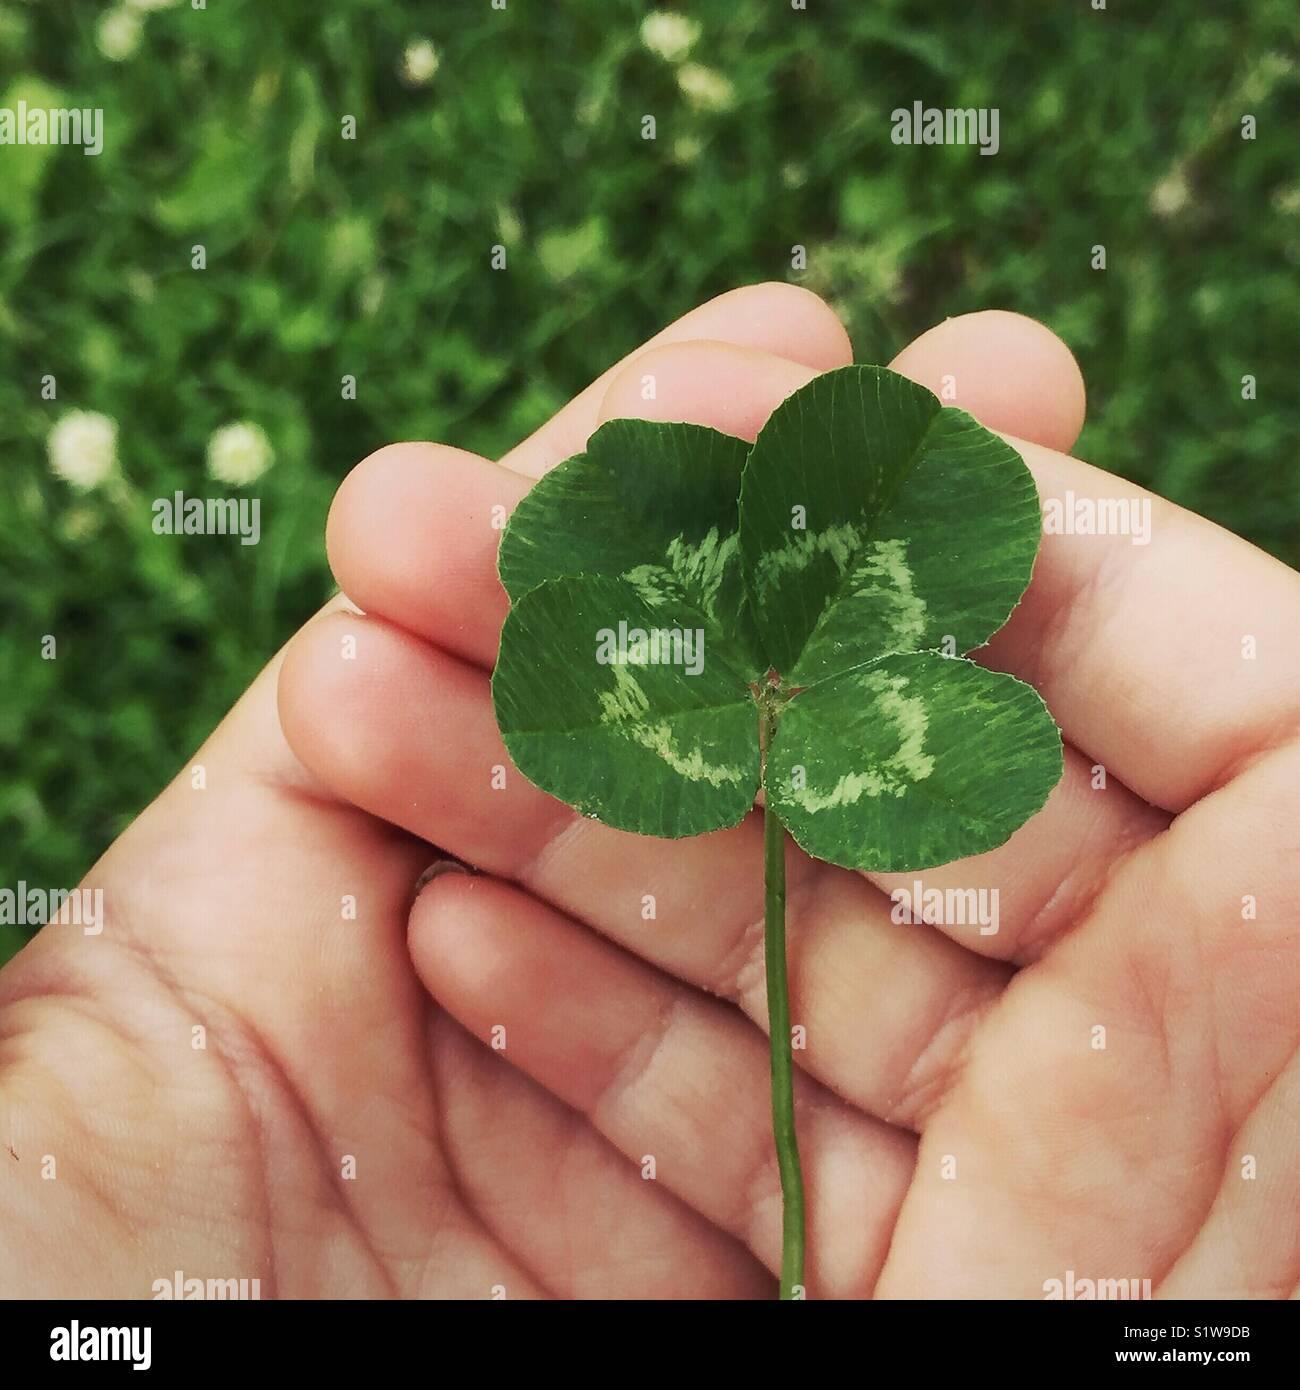 Las manos del niño sosteniendo un trébol de cuatro hojas Imagen De Stock